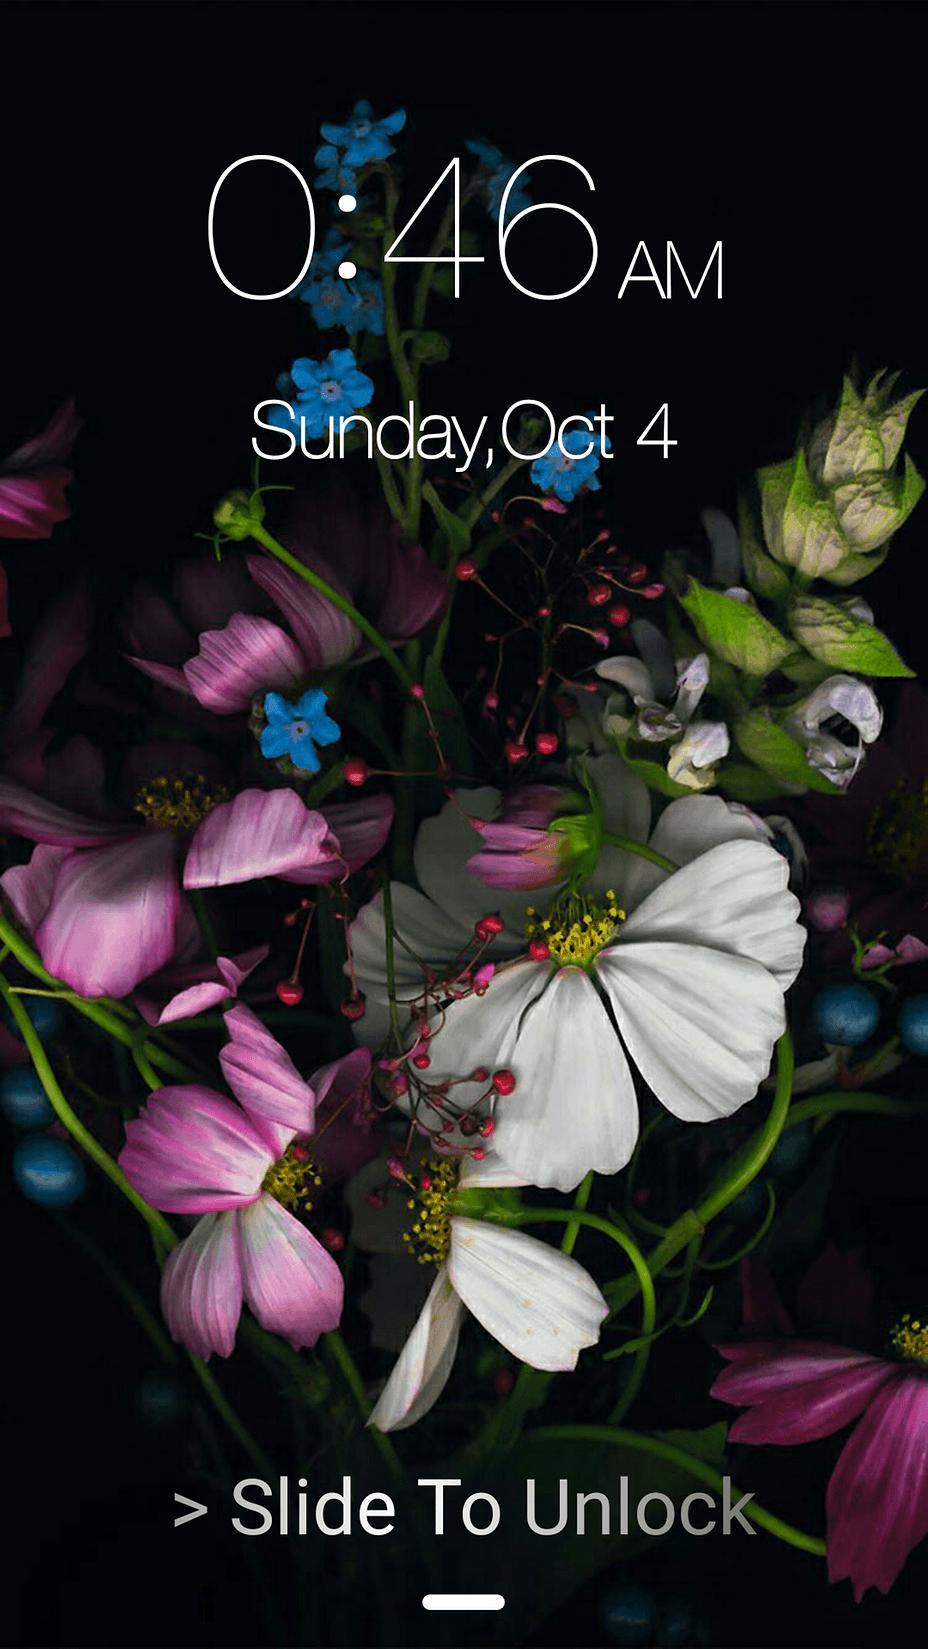 Iphone 8 Plus Wallpaper Hd Flower - HD Wallpaper